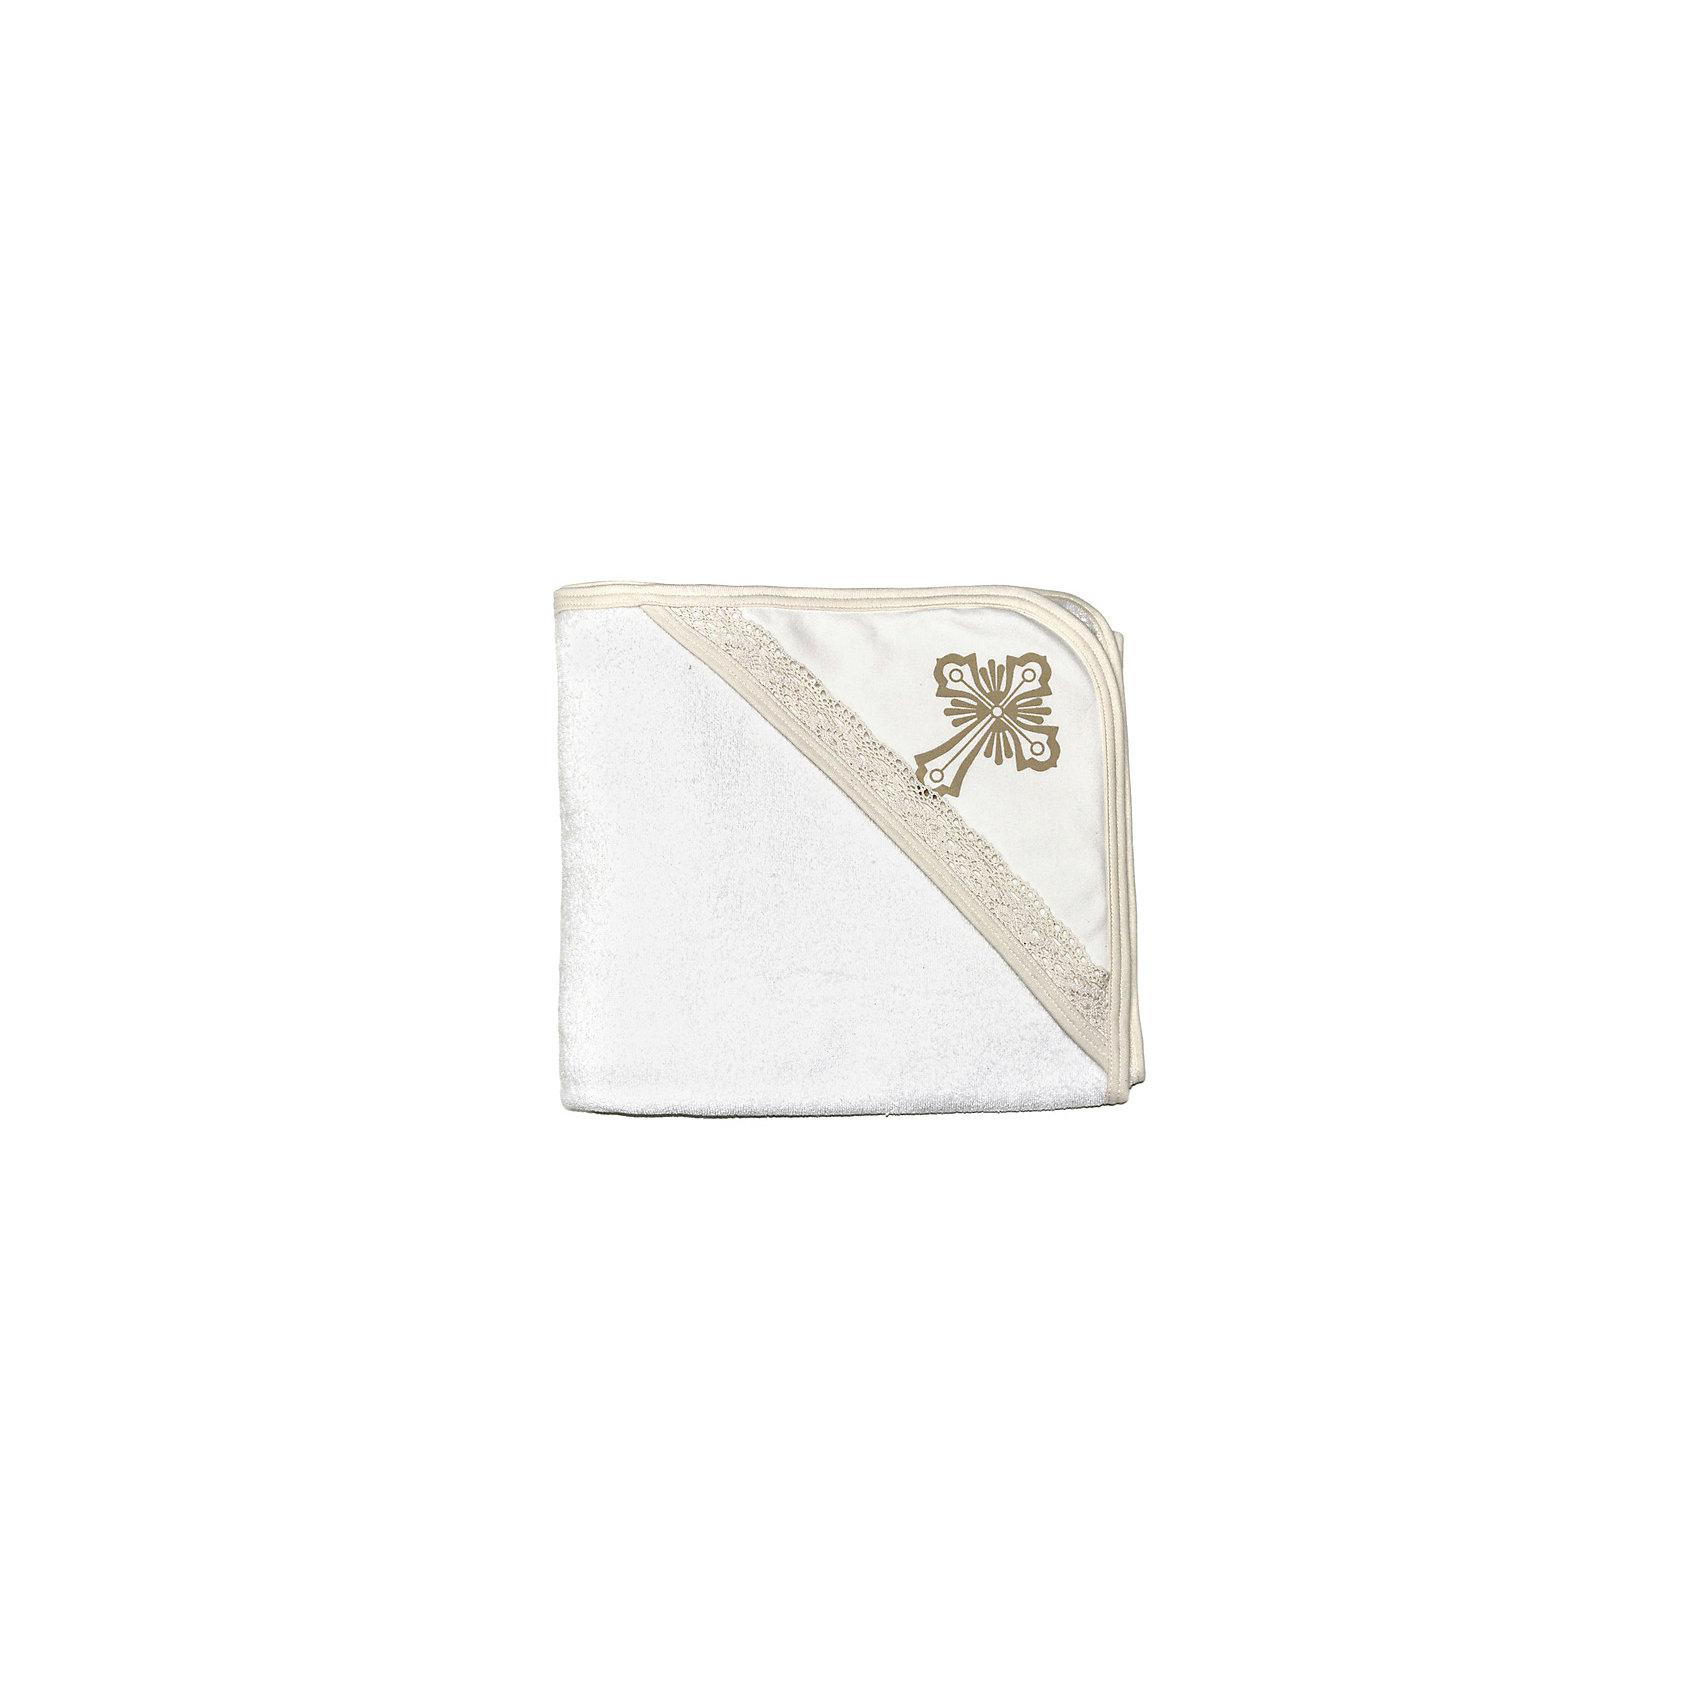 Крестильное полотенце с уголком 90*90, NewBorn, белый/золотоПолотенца, мочалки, халаты<br>Крестильное полотенце с уголком 90*90, NewBorn (НьюБорн)<br>Мягкое крестильное полотенце, изготовленное из хлопковой ткани, прекрасно подойдет для таинства крещения. Полотенце оторочено тесьмой, уголок декорирован кружевом. Часть уголка, которая придется на лобик малыша, украшает искусно вышитый золотой крестик. Полотенце хорошо впитывает влагу и приятно для нежной кожи ребенка. Оно прекрасно смотрится как самостоятельно, так и в качестве одного из компонентов крестильного набора.<br><br>Дополнительная информация:<br><br>- Цвет: белый, золотой<br>- Состав: 100% хлопок<br>- Размер: 90х90 см.<br><br>Крестильное полотенце с уголком 90*90, NewBorn (НьюБорн) можно купить в нашем интернет-магазине.<br><br>Ширина мм: 200<br>Глубина мм: 200<br>Высота мм: 100<br>Вес г: 300<br>Возраст от месяцев: 0<br>Возраст до месяцев: 12<br>Пол: Унисекс<br>Возраст: Детский<br>SKU: 4889958